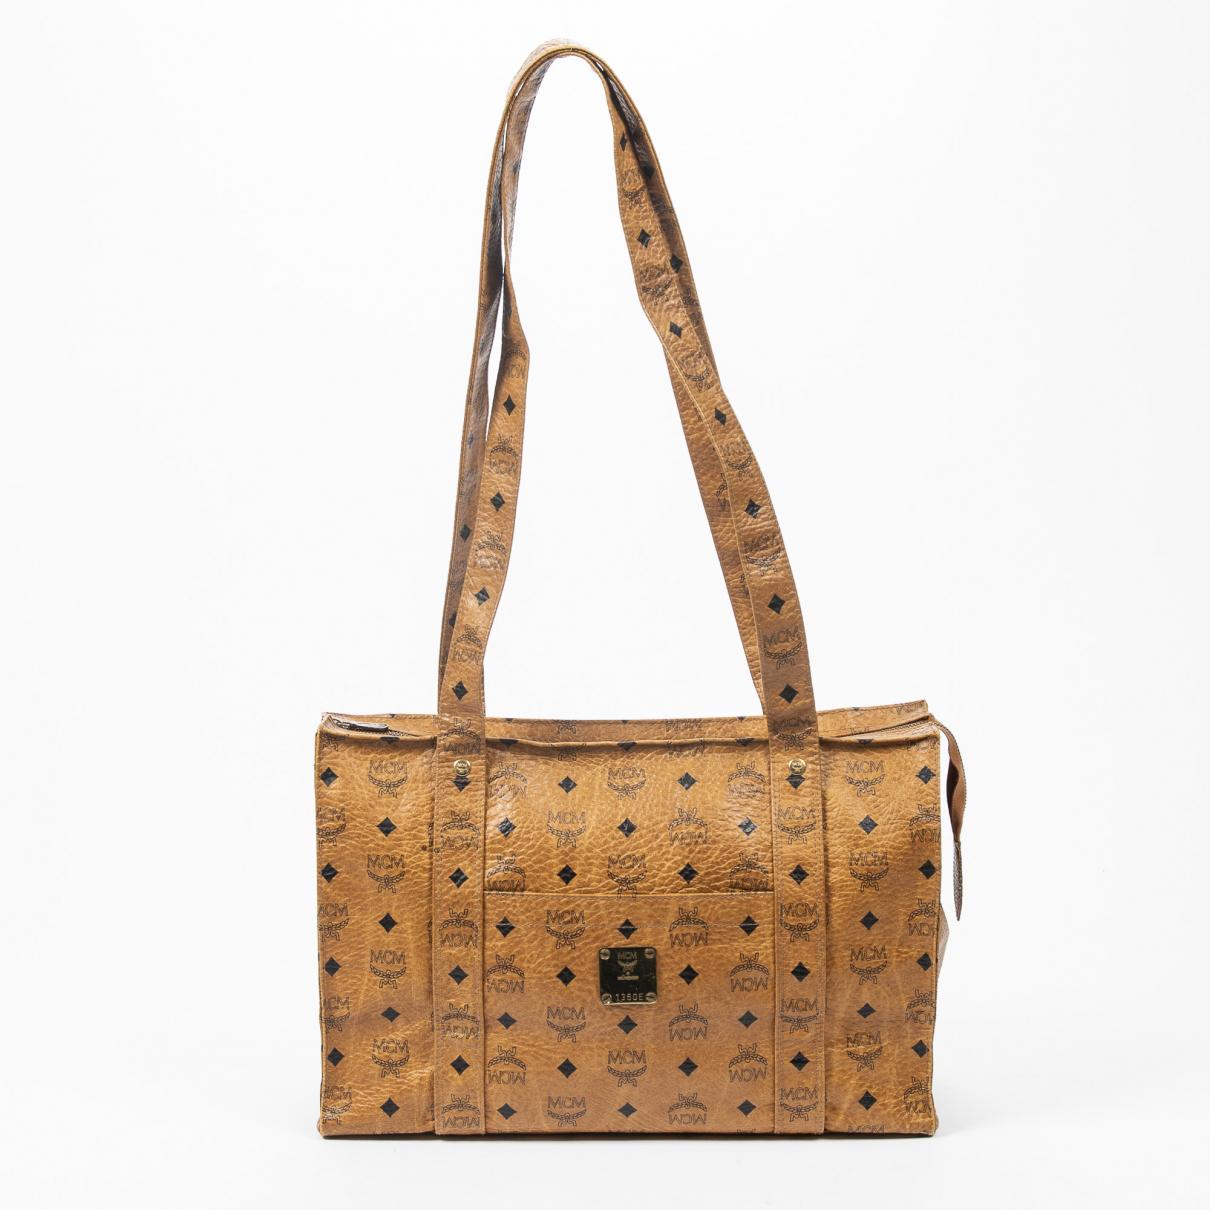 Mcm \N Handtasche in  Braun Baumwolle